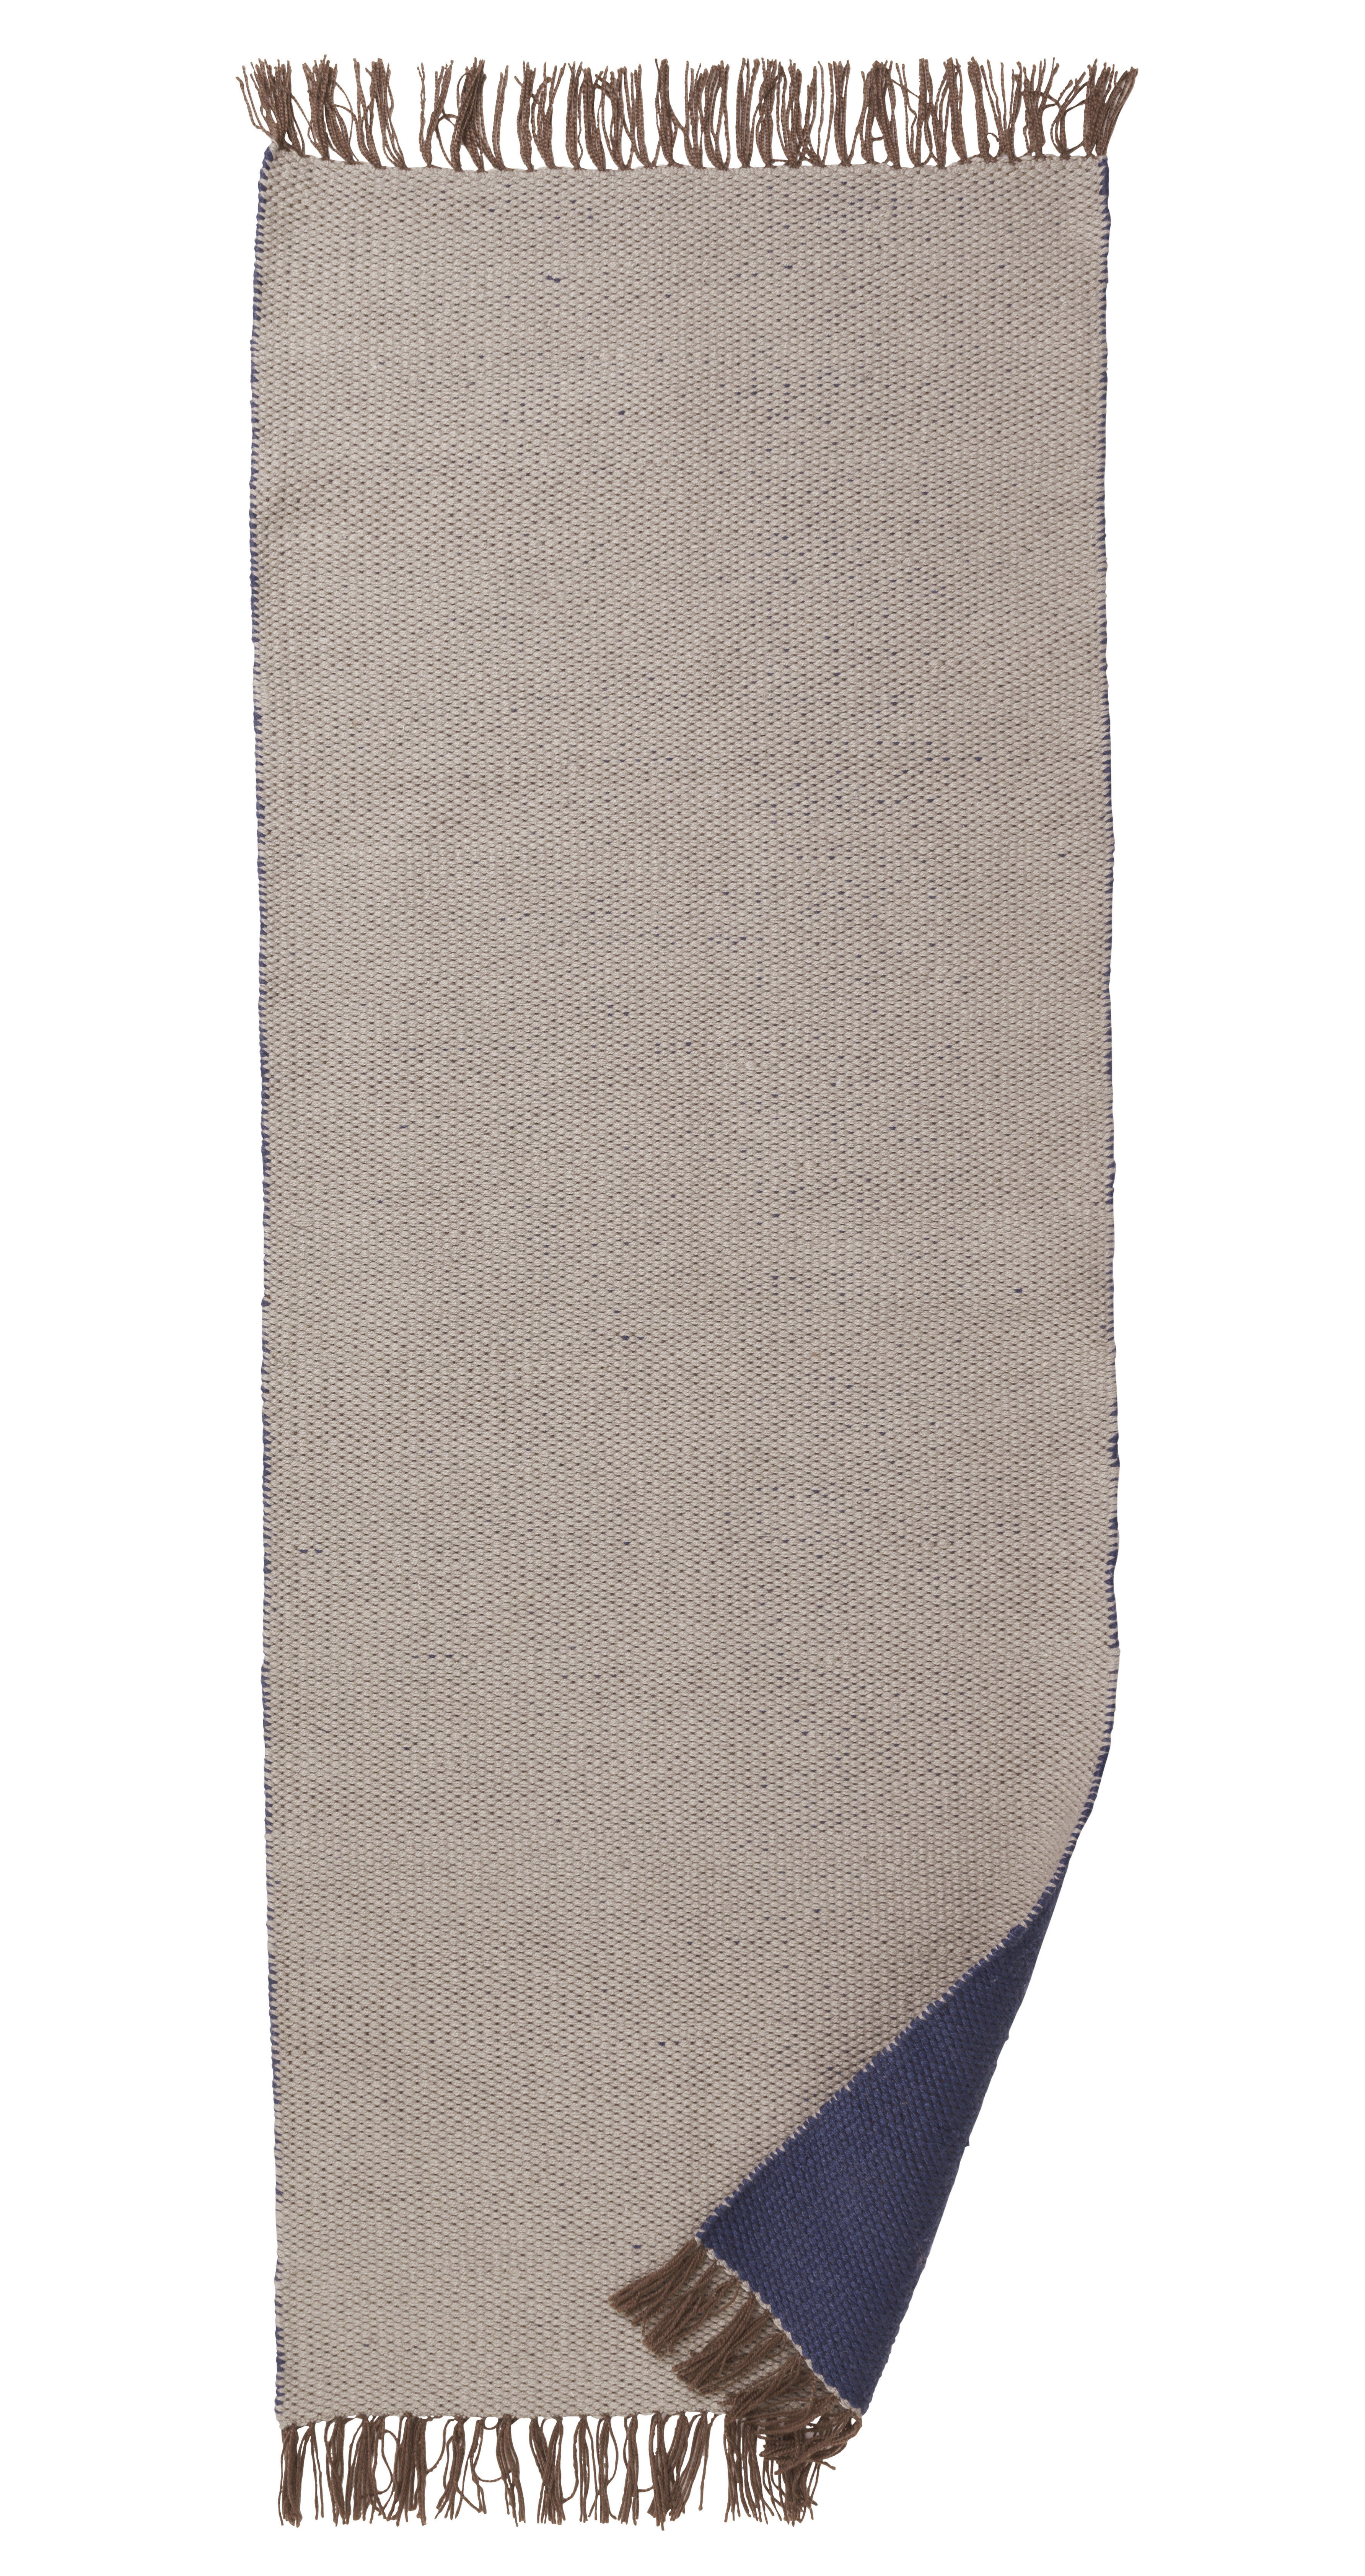 tapis pour l 39 ext rieur nomad large 70 x 180 cm gris clair bleu fonc ferm living. Black Bedroom Furniture Sets. Home Design Ideas